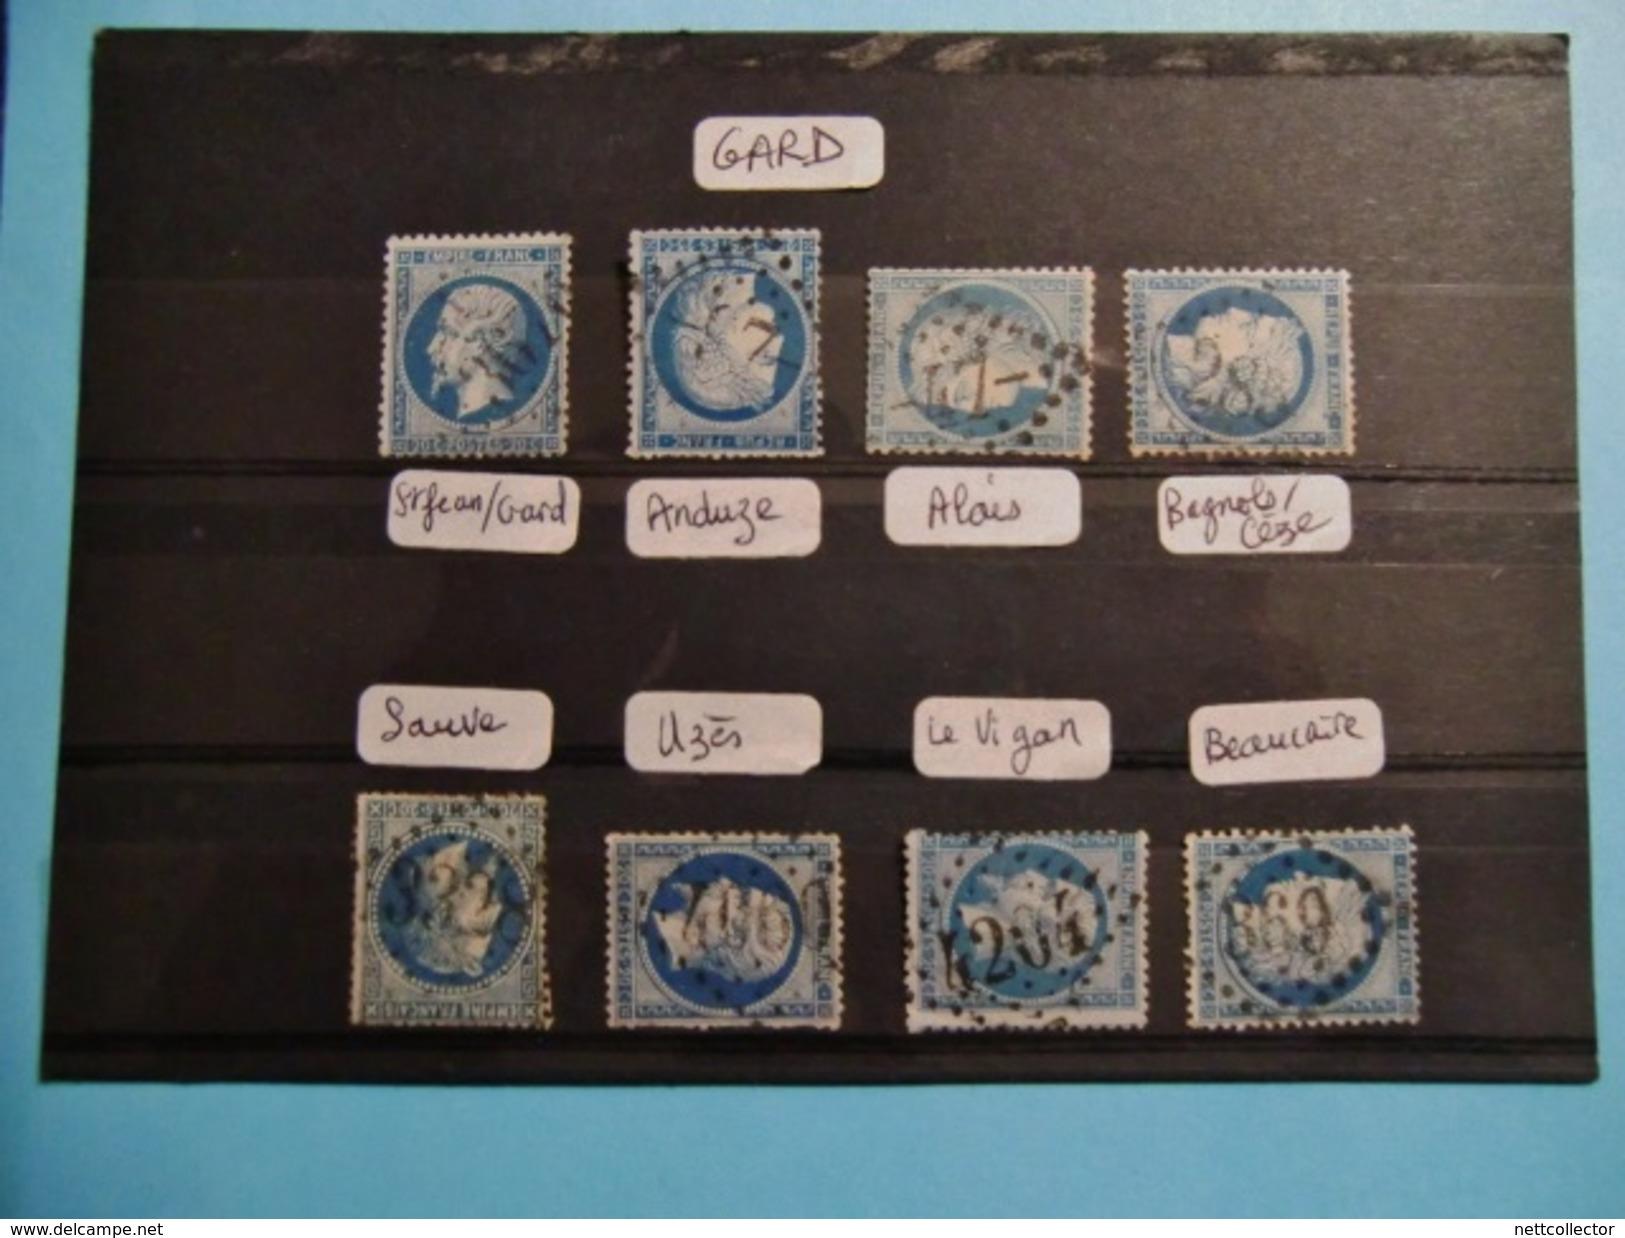 FRANCE CLASSIQUES COLLECTION SPECIALISEE GC Dont RARES / TOUS DEPARTEMENTS / 2è Et DERNIERE PARTIE MAJ. TB - Marcophilie (Timbres Détachés)